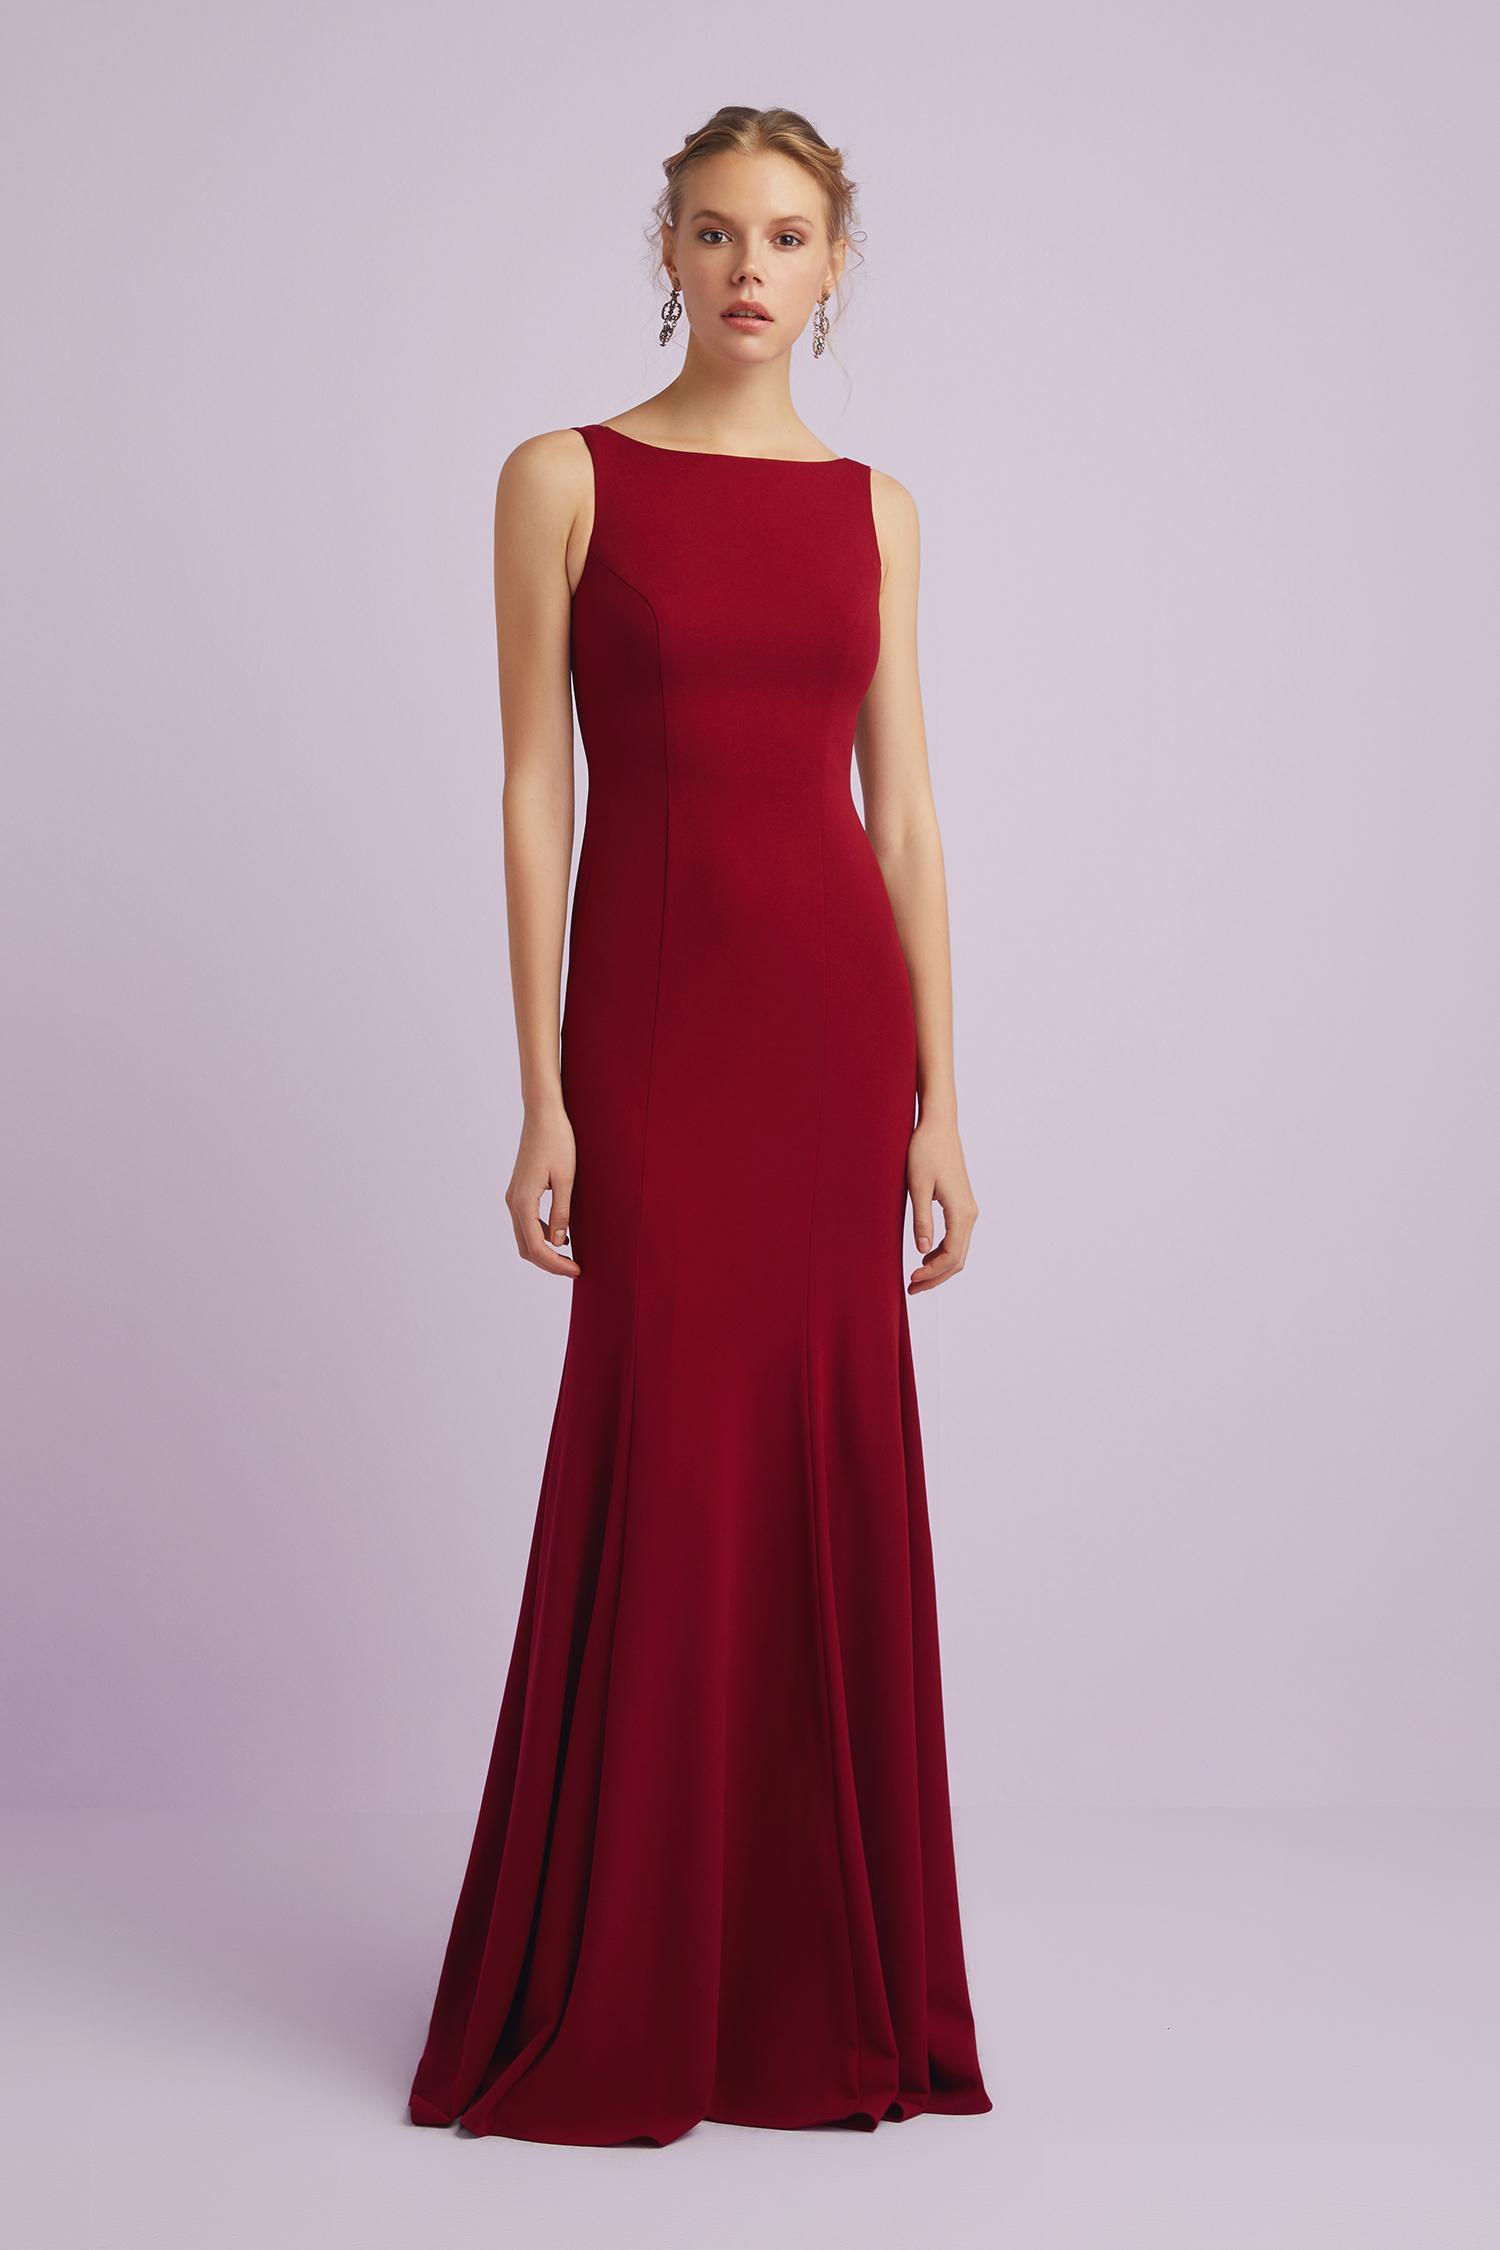 Askılı Şarap Rengi Krep Abiye Elbise - Thumbnail